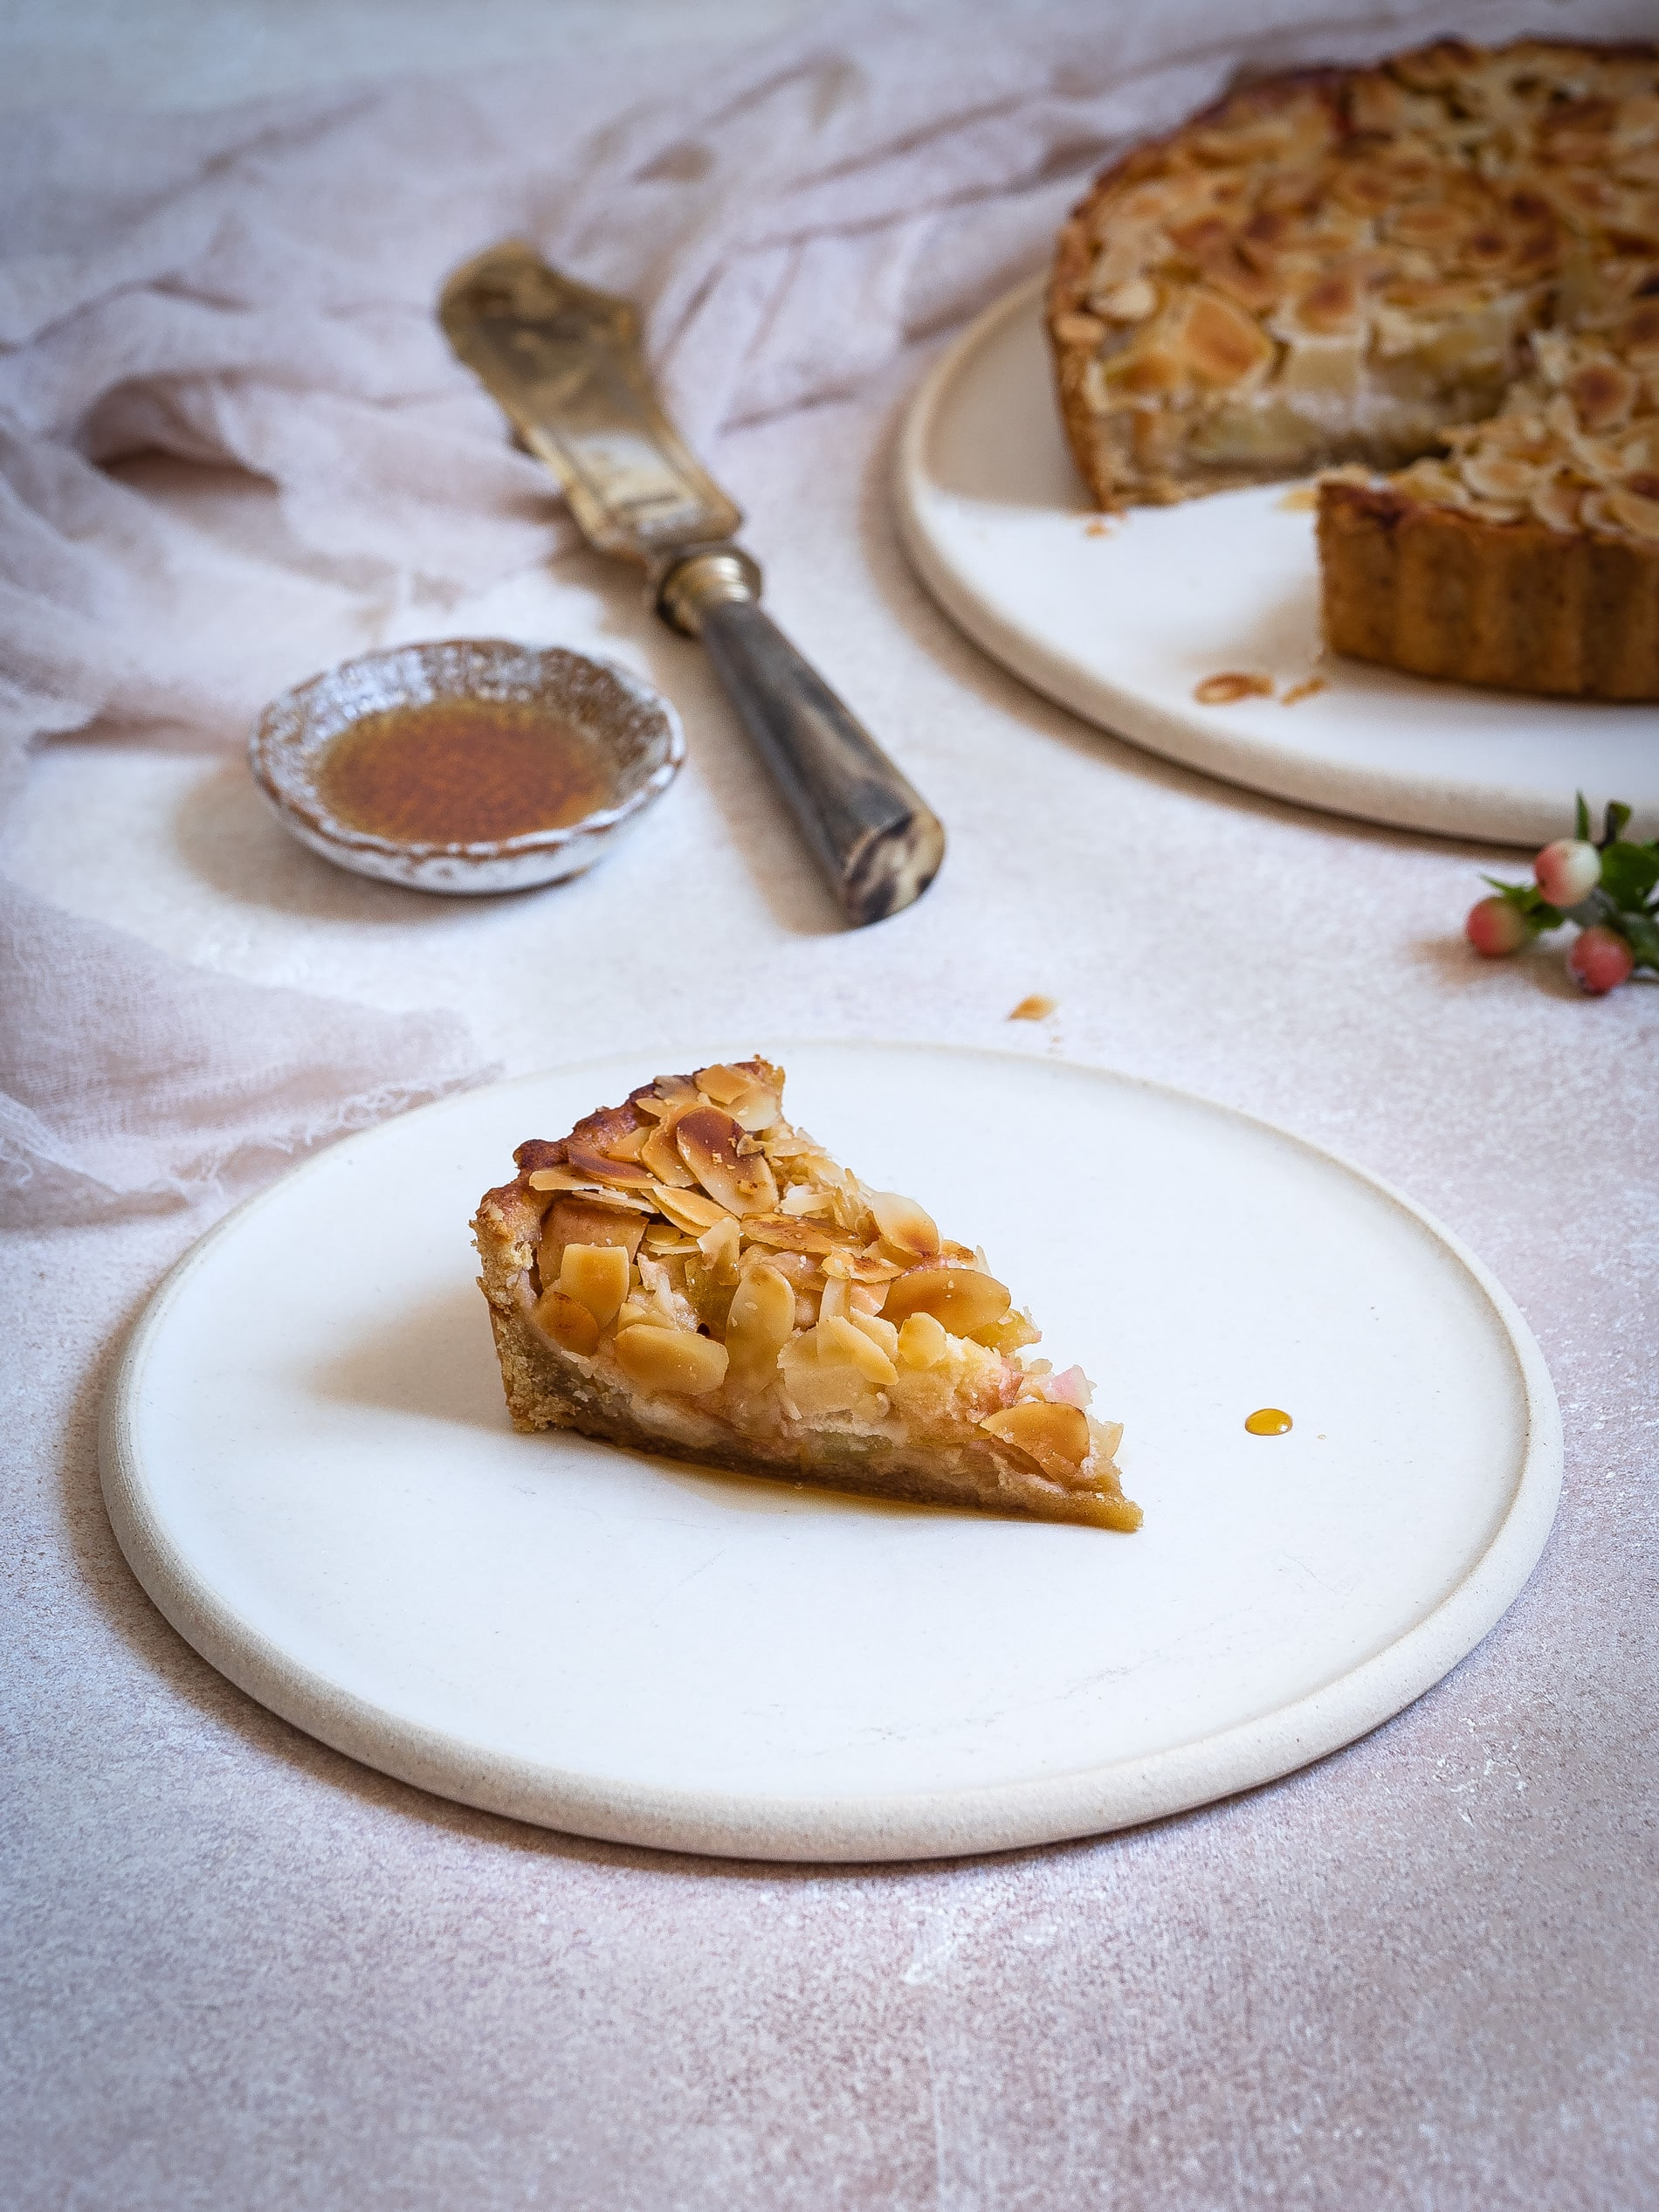 Schnelles Apfelkuchen Rezept mit Marzipan & ayurevdischem Jaggery